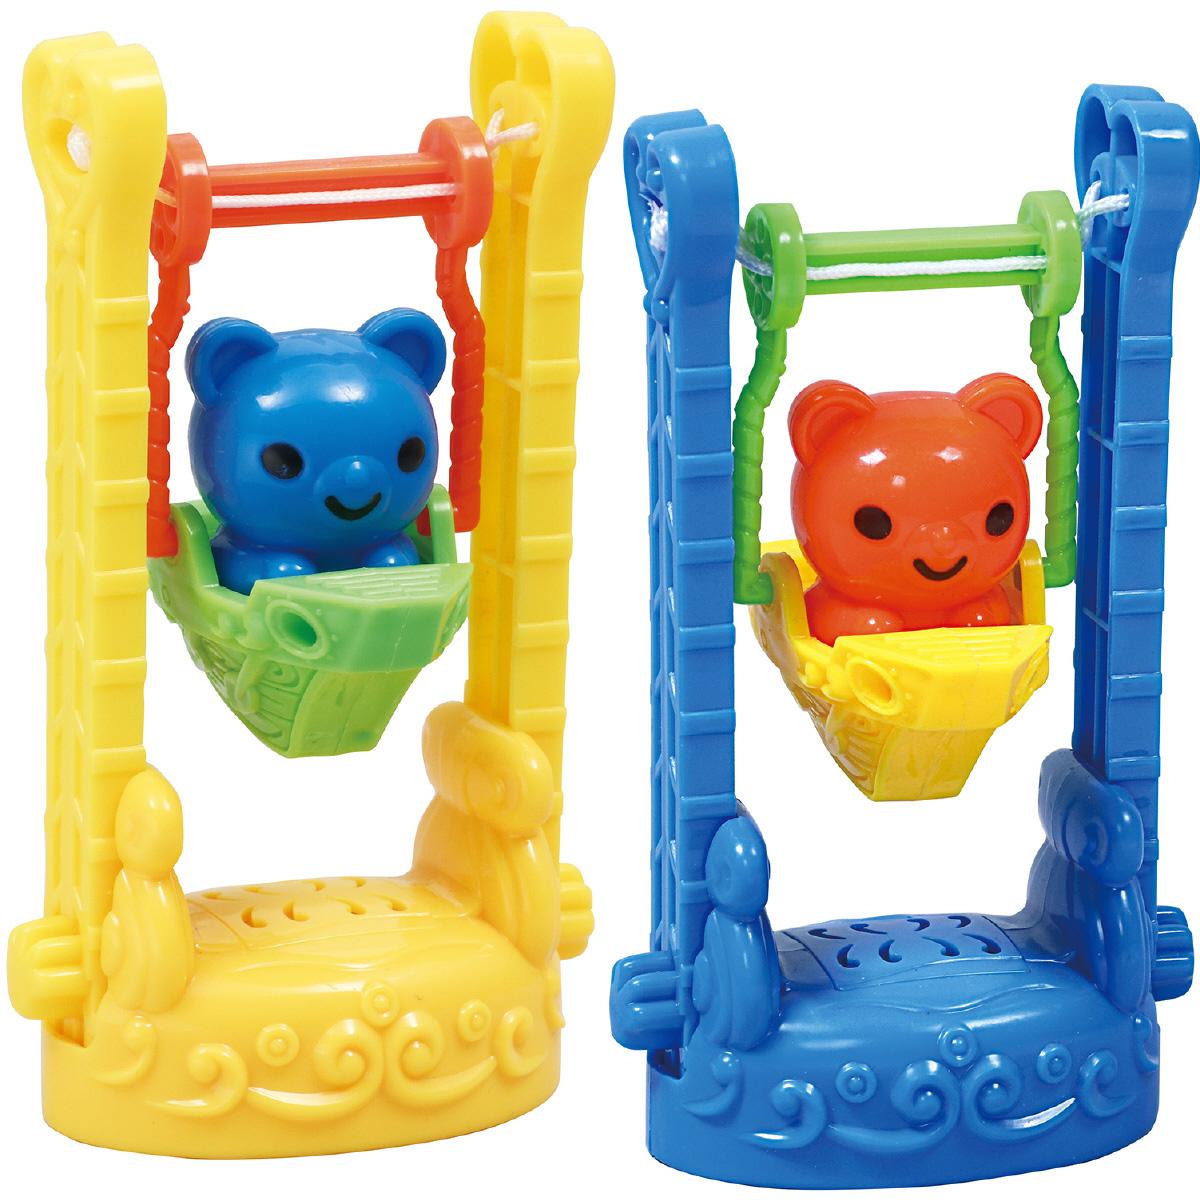 くるくるベア アーテック おもちゃ 知育玩具 幼児 キッズ 子供 クリスマスプレゼント